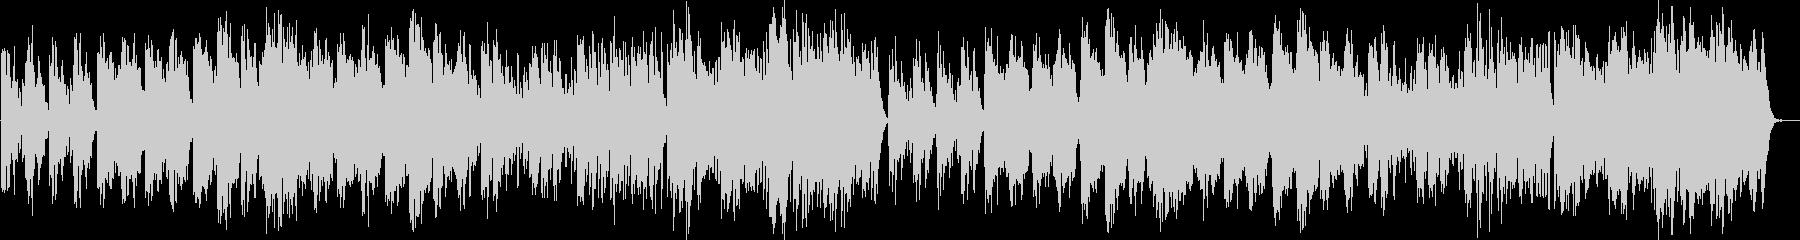 パーカッション抜き版の未再生の波形